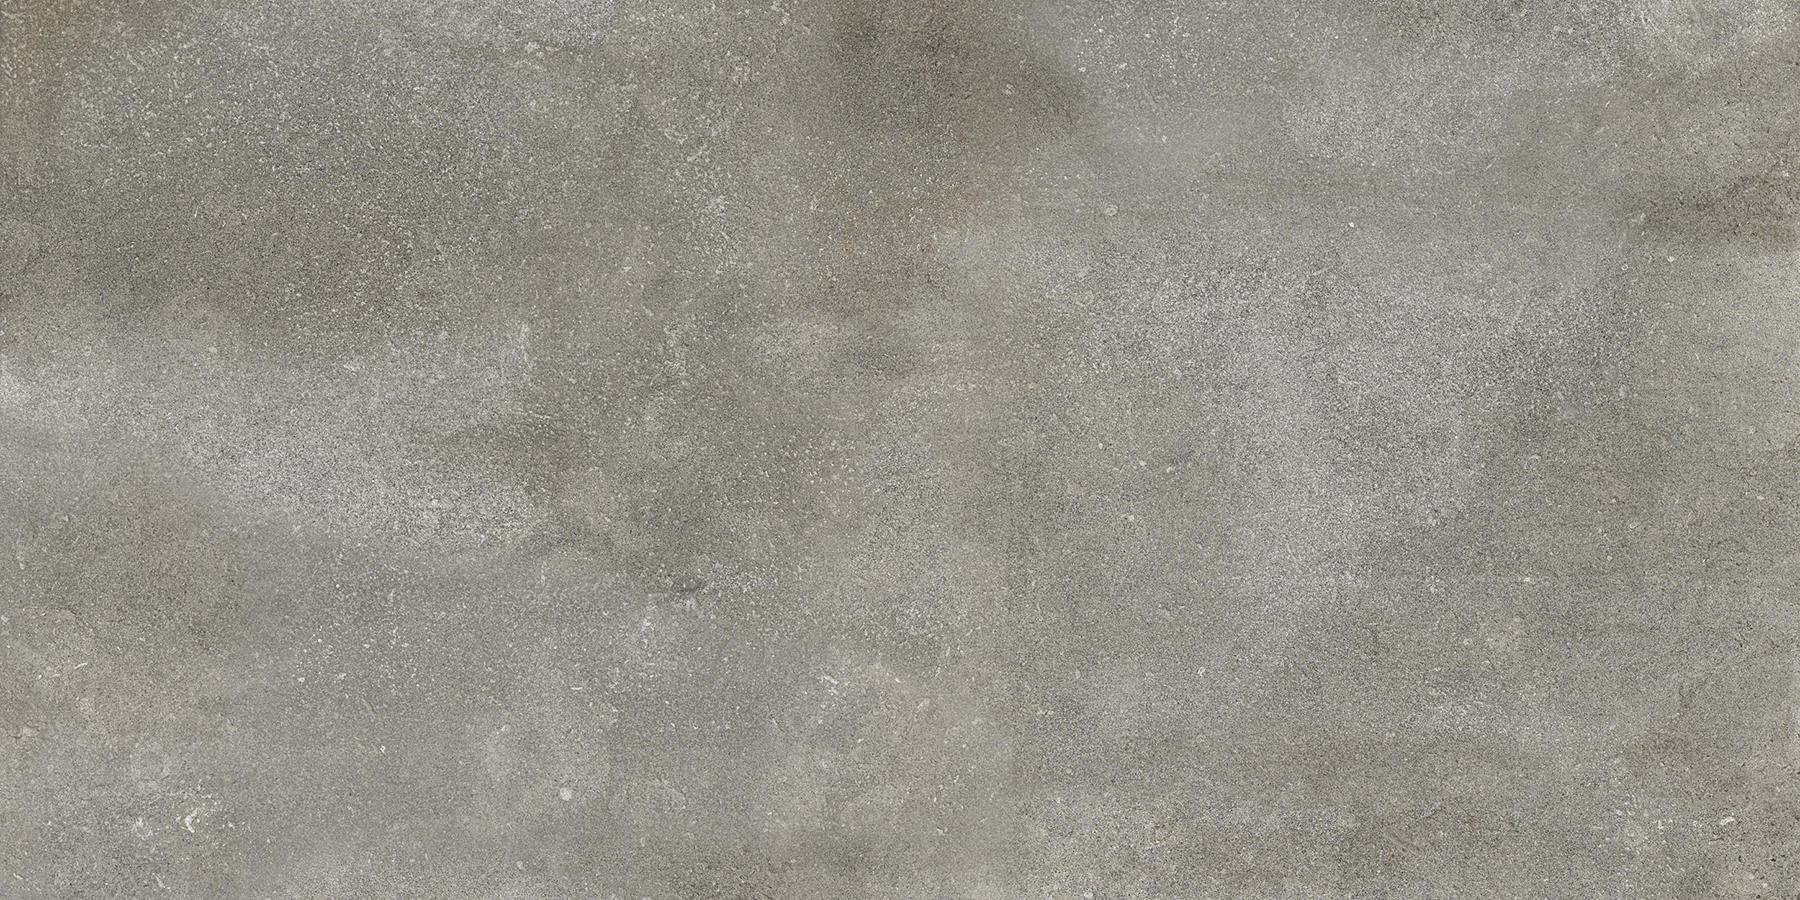 DEL CONCA Anversa HAV205 scav05 Terrassenplatte 60x120 matt